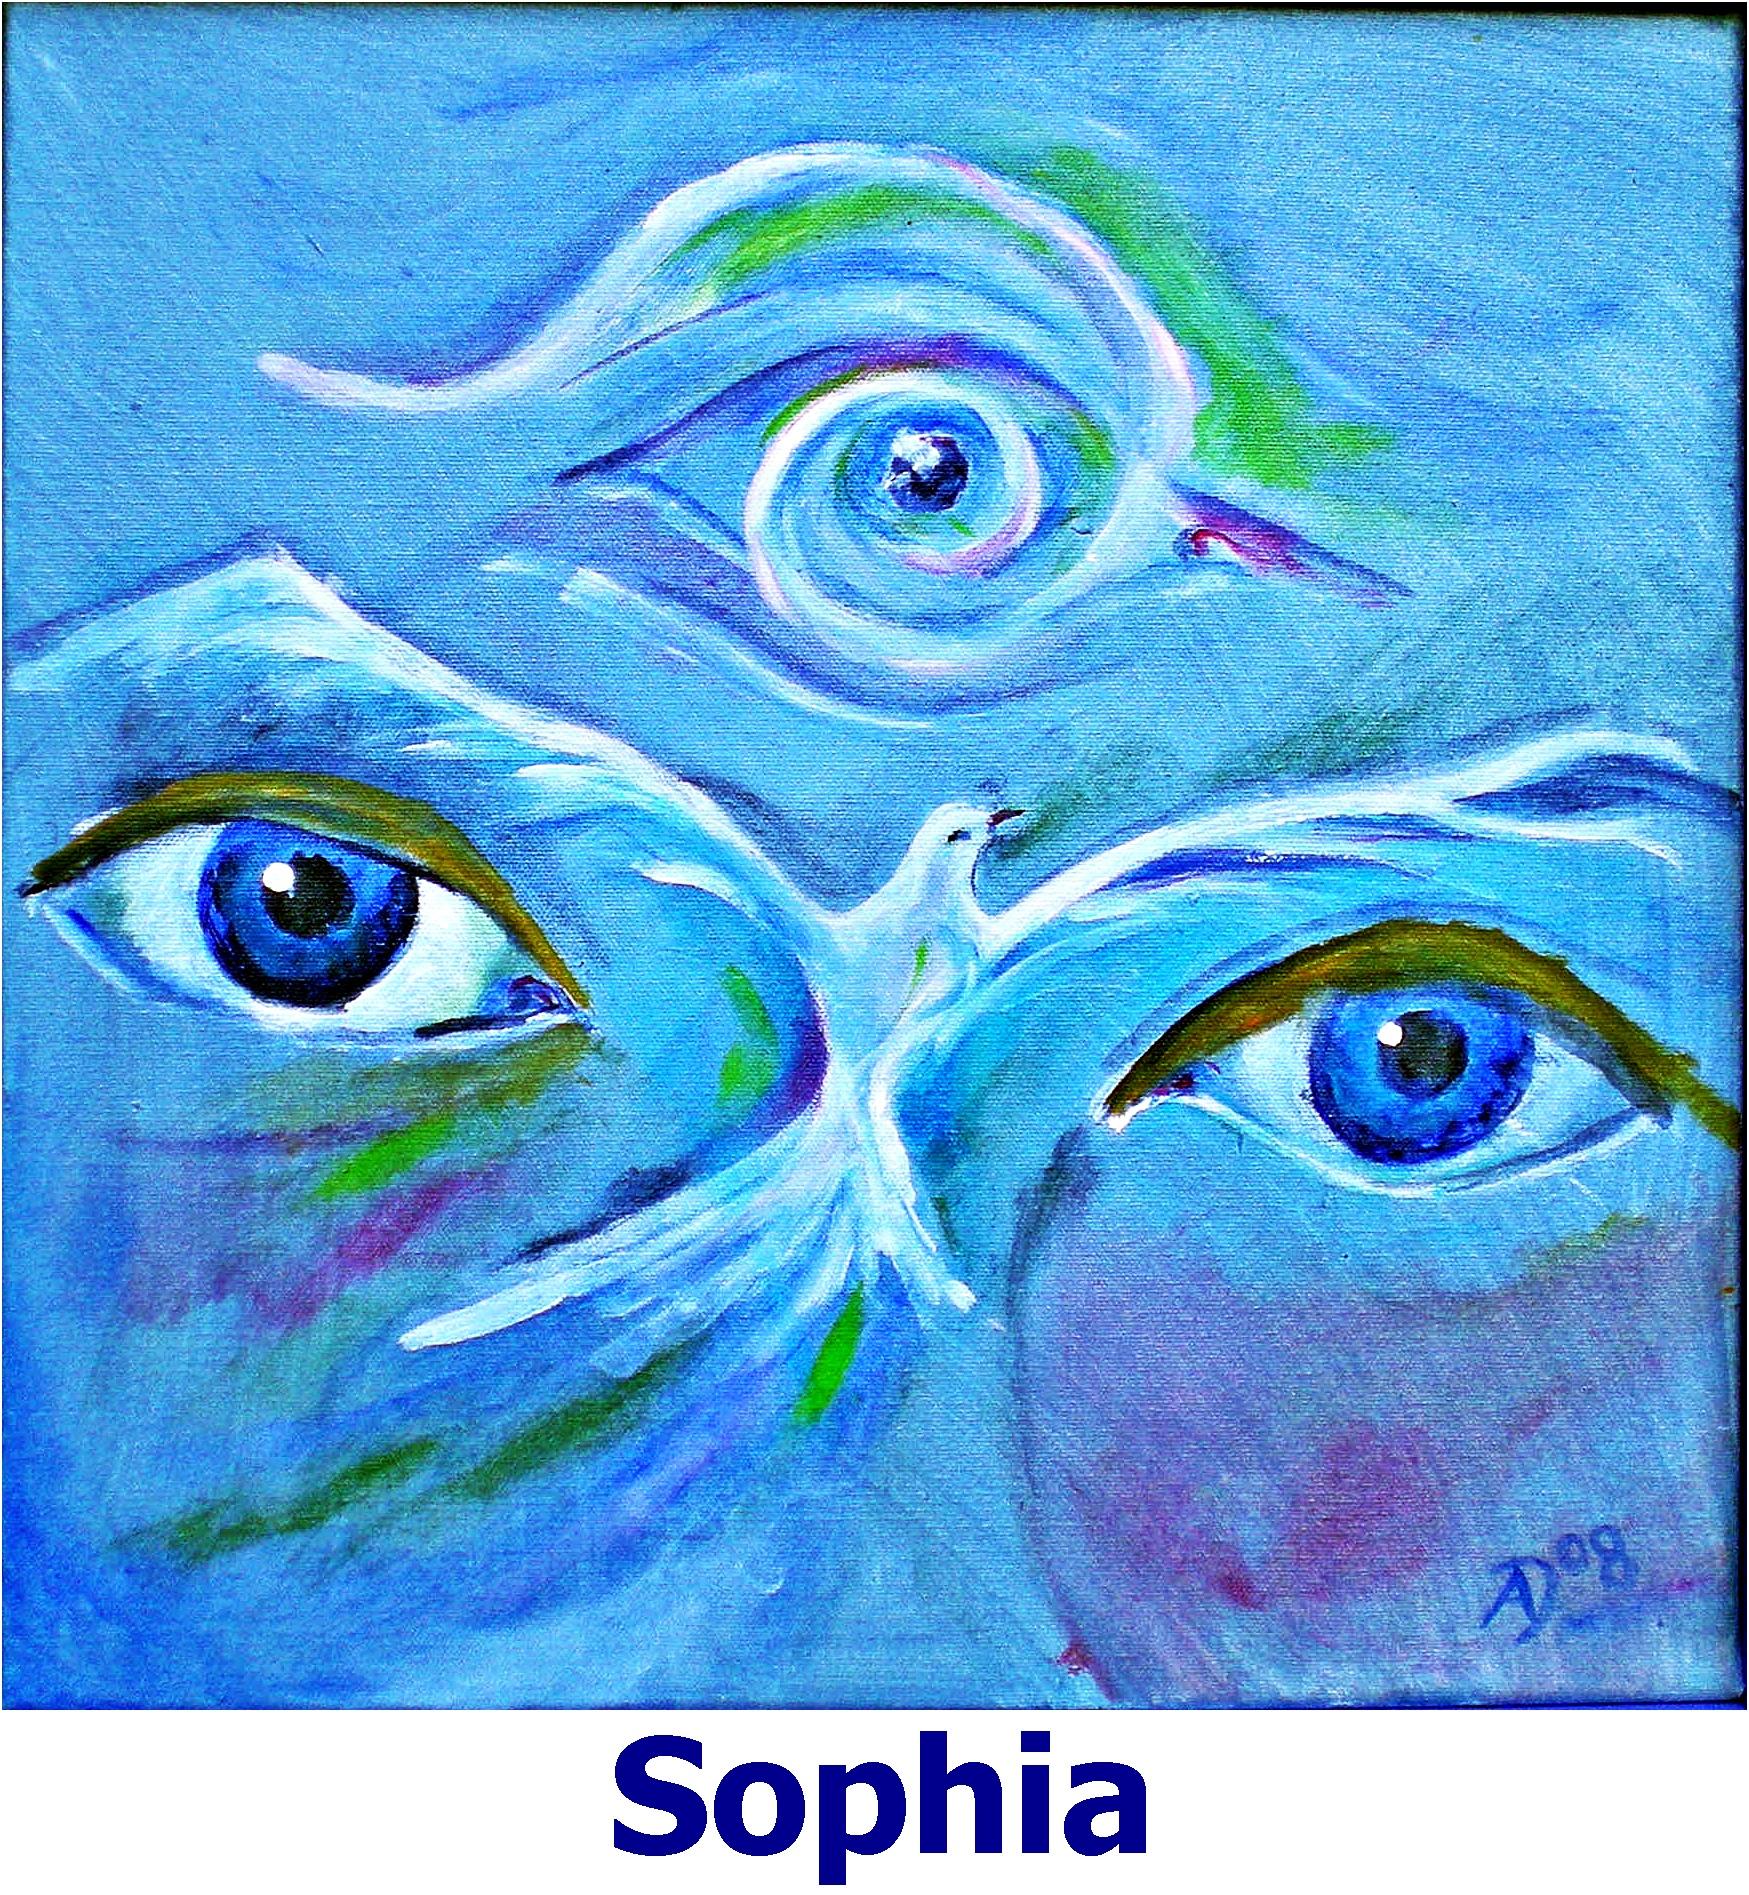 """Die Weisheit Kraft In Unseren Frauenthemen: Die """"Kalte Sophie"""" Und Der Heilige Geist"""